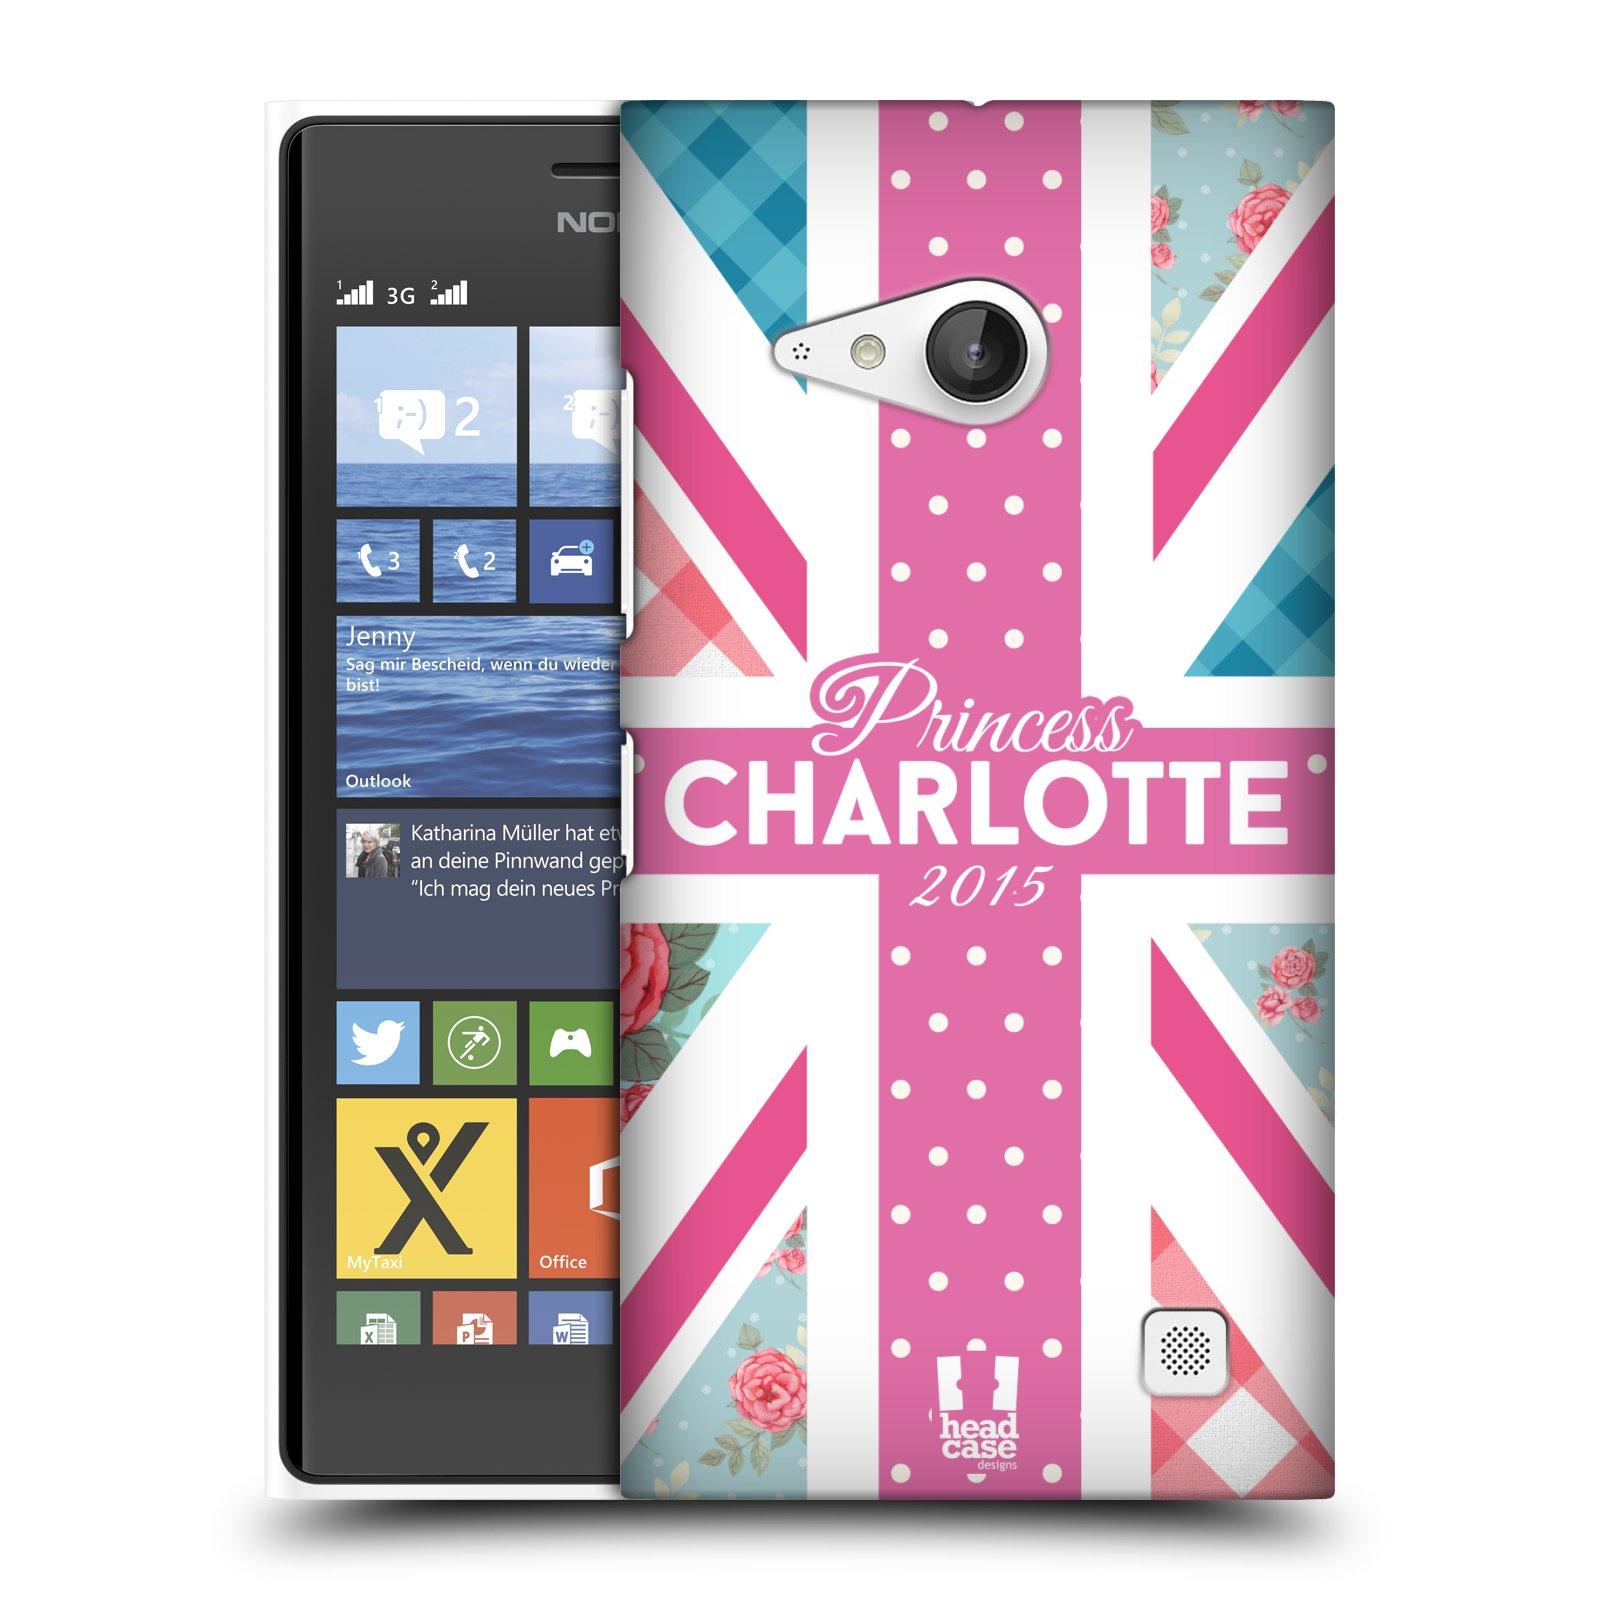 Plastové pouzdro na mobil Nokia Lumia 730 Dual SIM HEAD CASE PRINCEZNIČKA CHARLOTTE (Kryt či obal na mobilní telefon Nokia Lumia 730 Dual SIM)